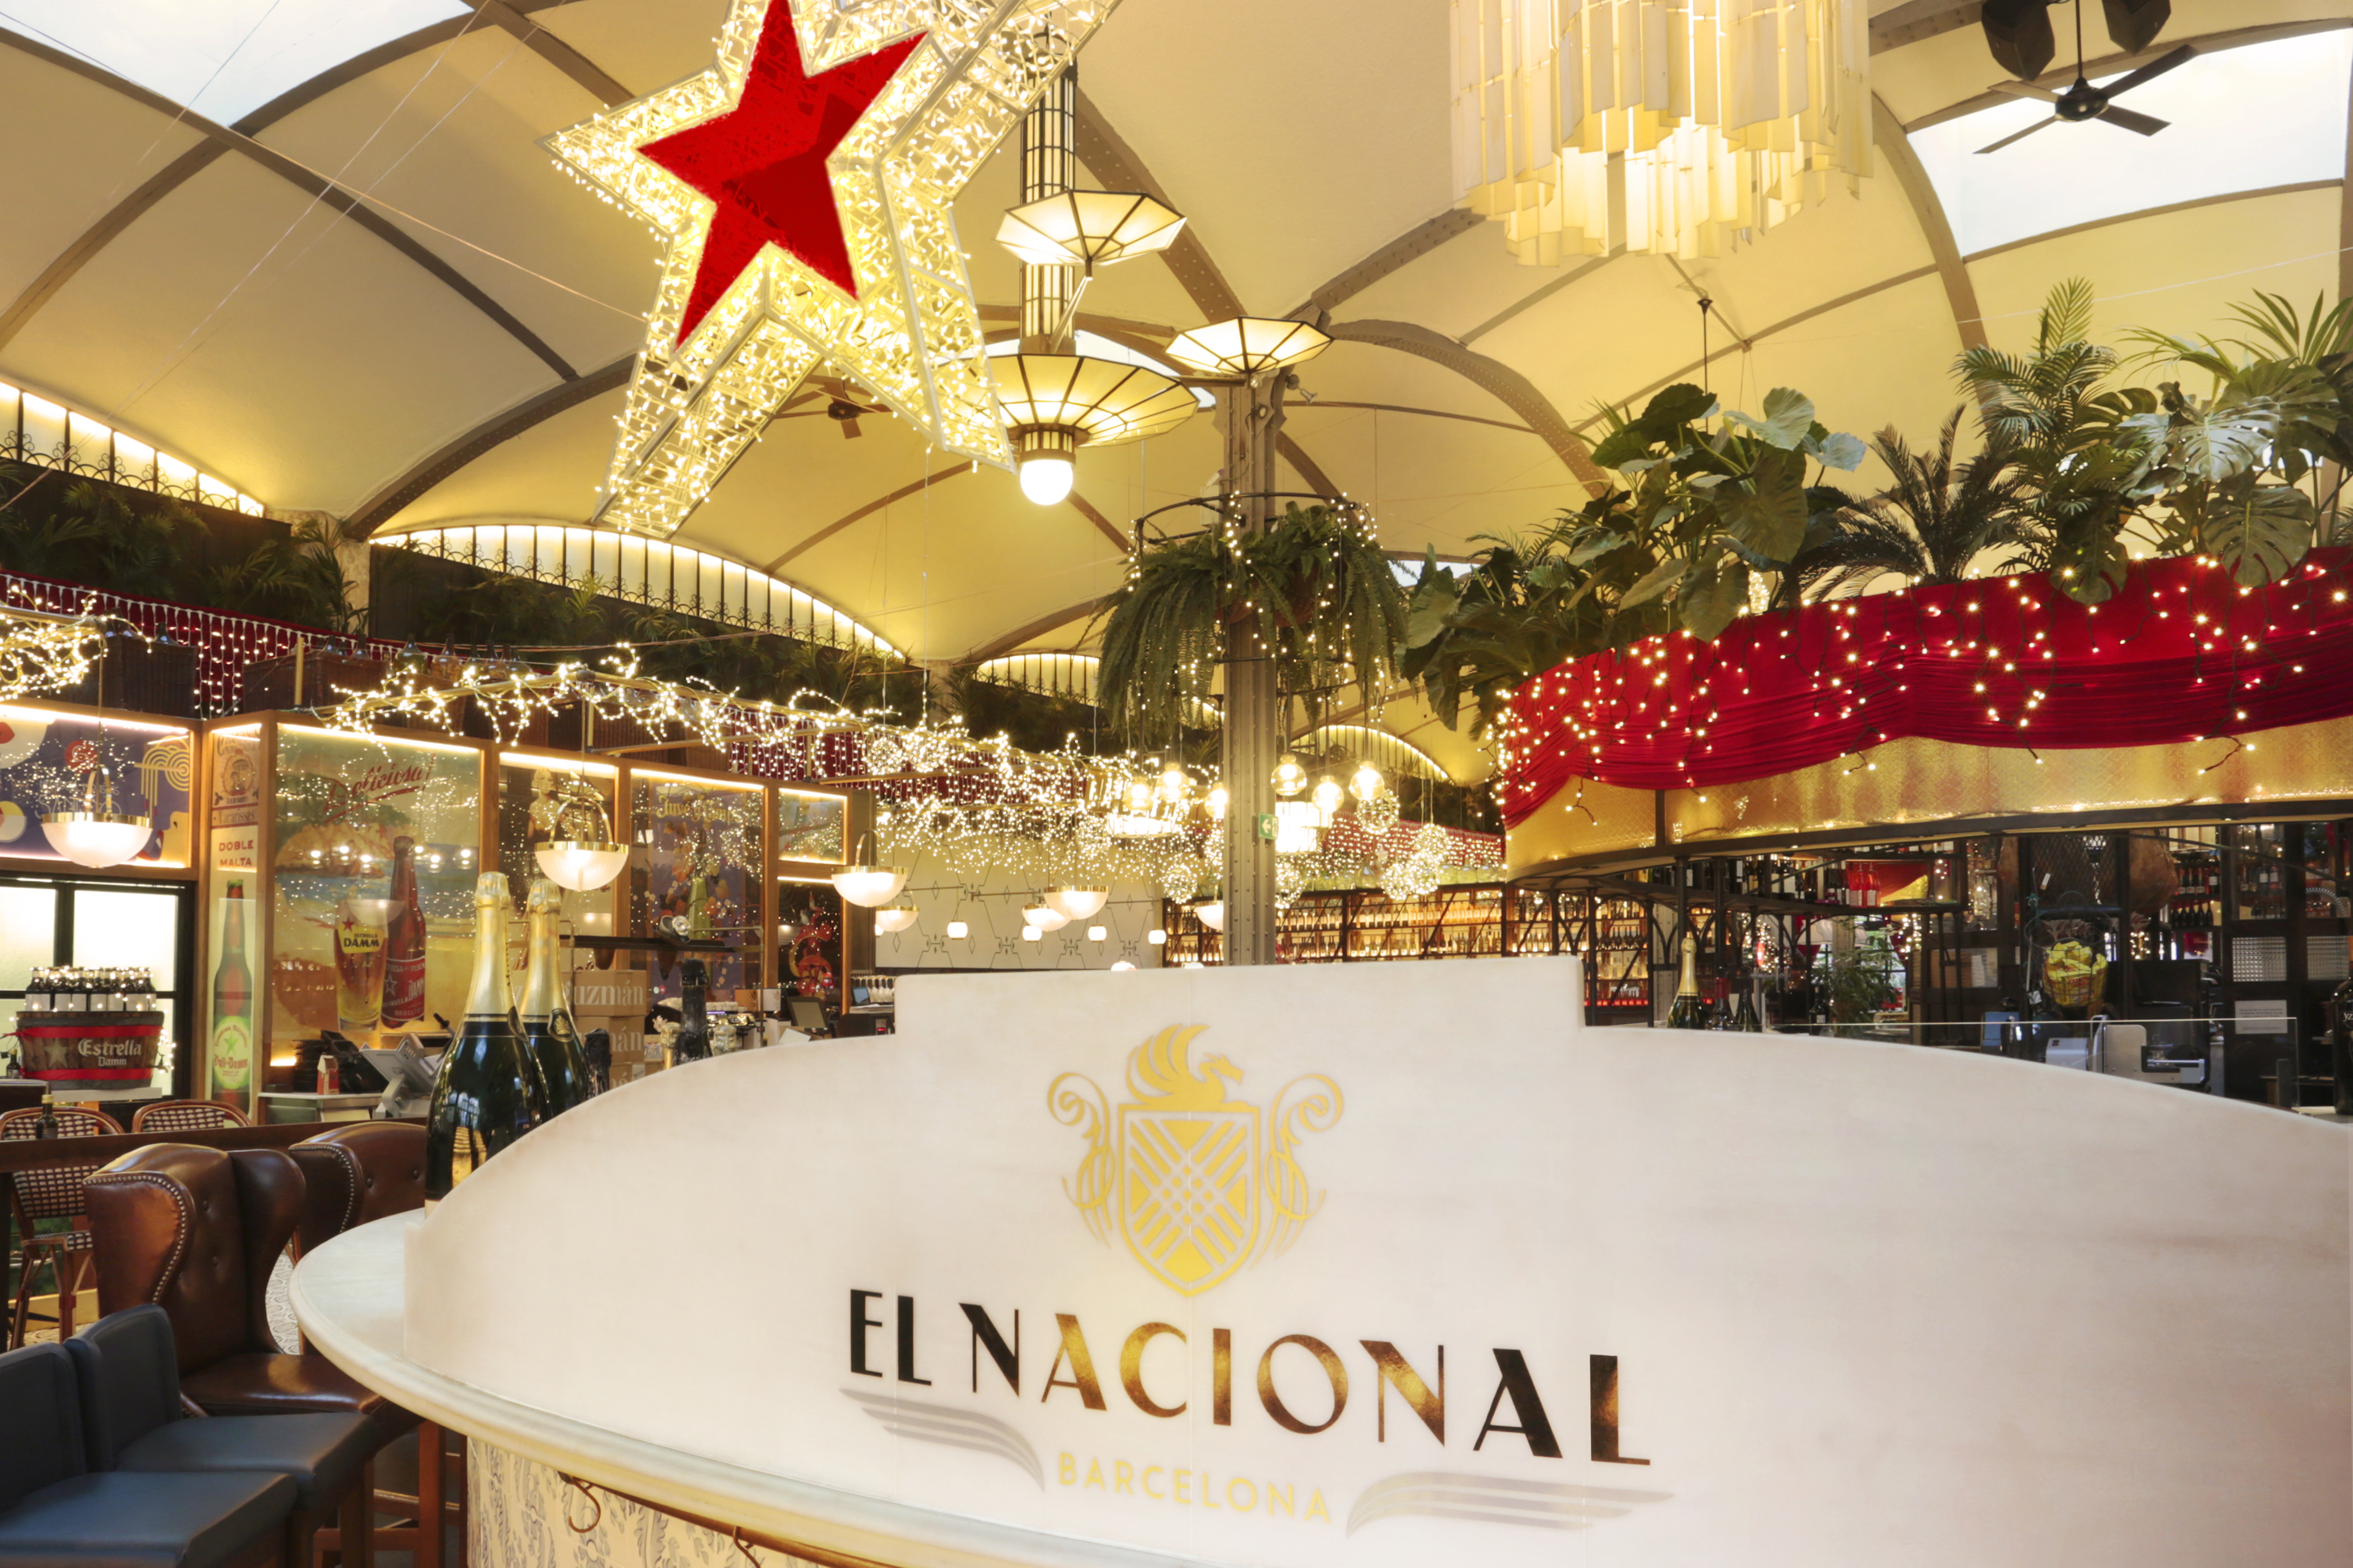 El Nacional Navidad